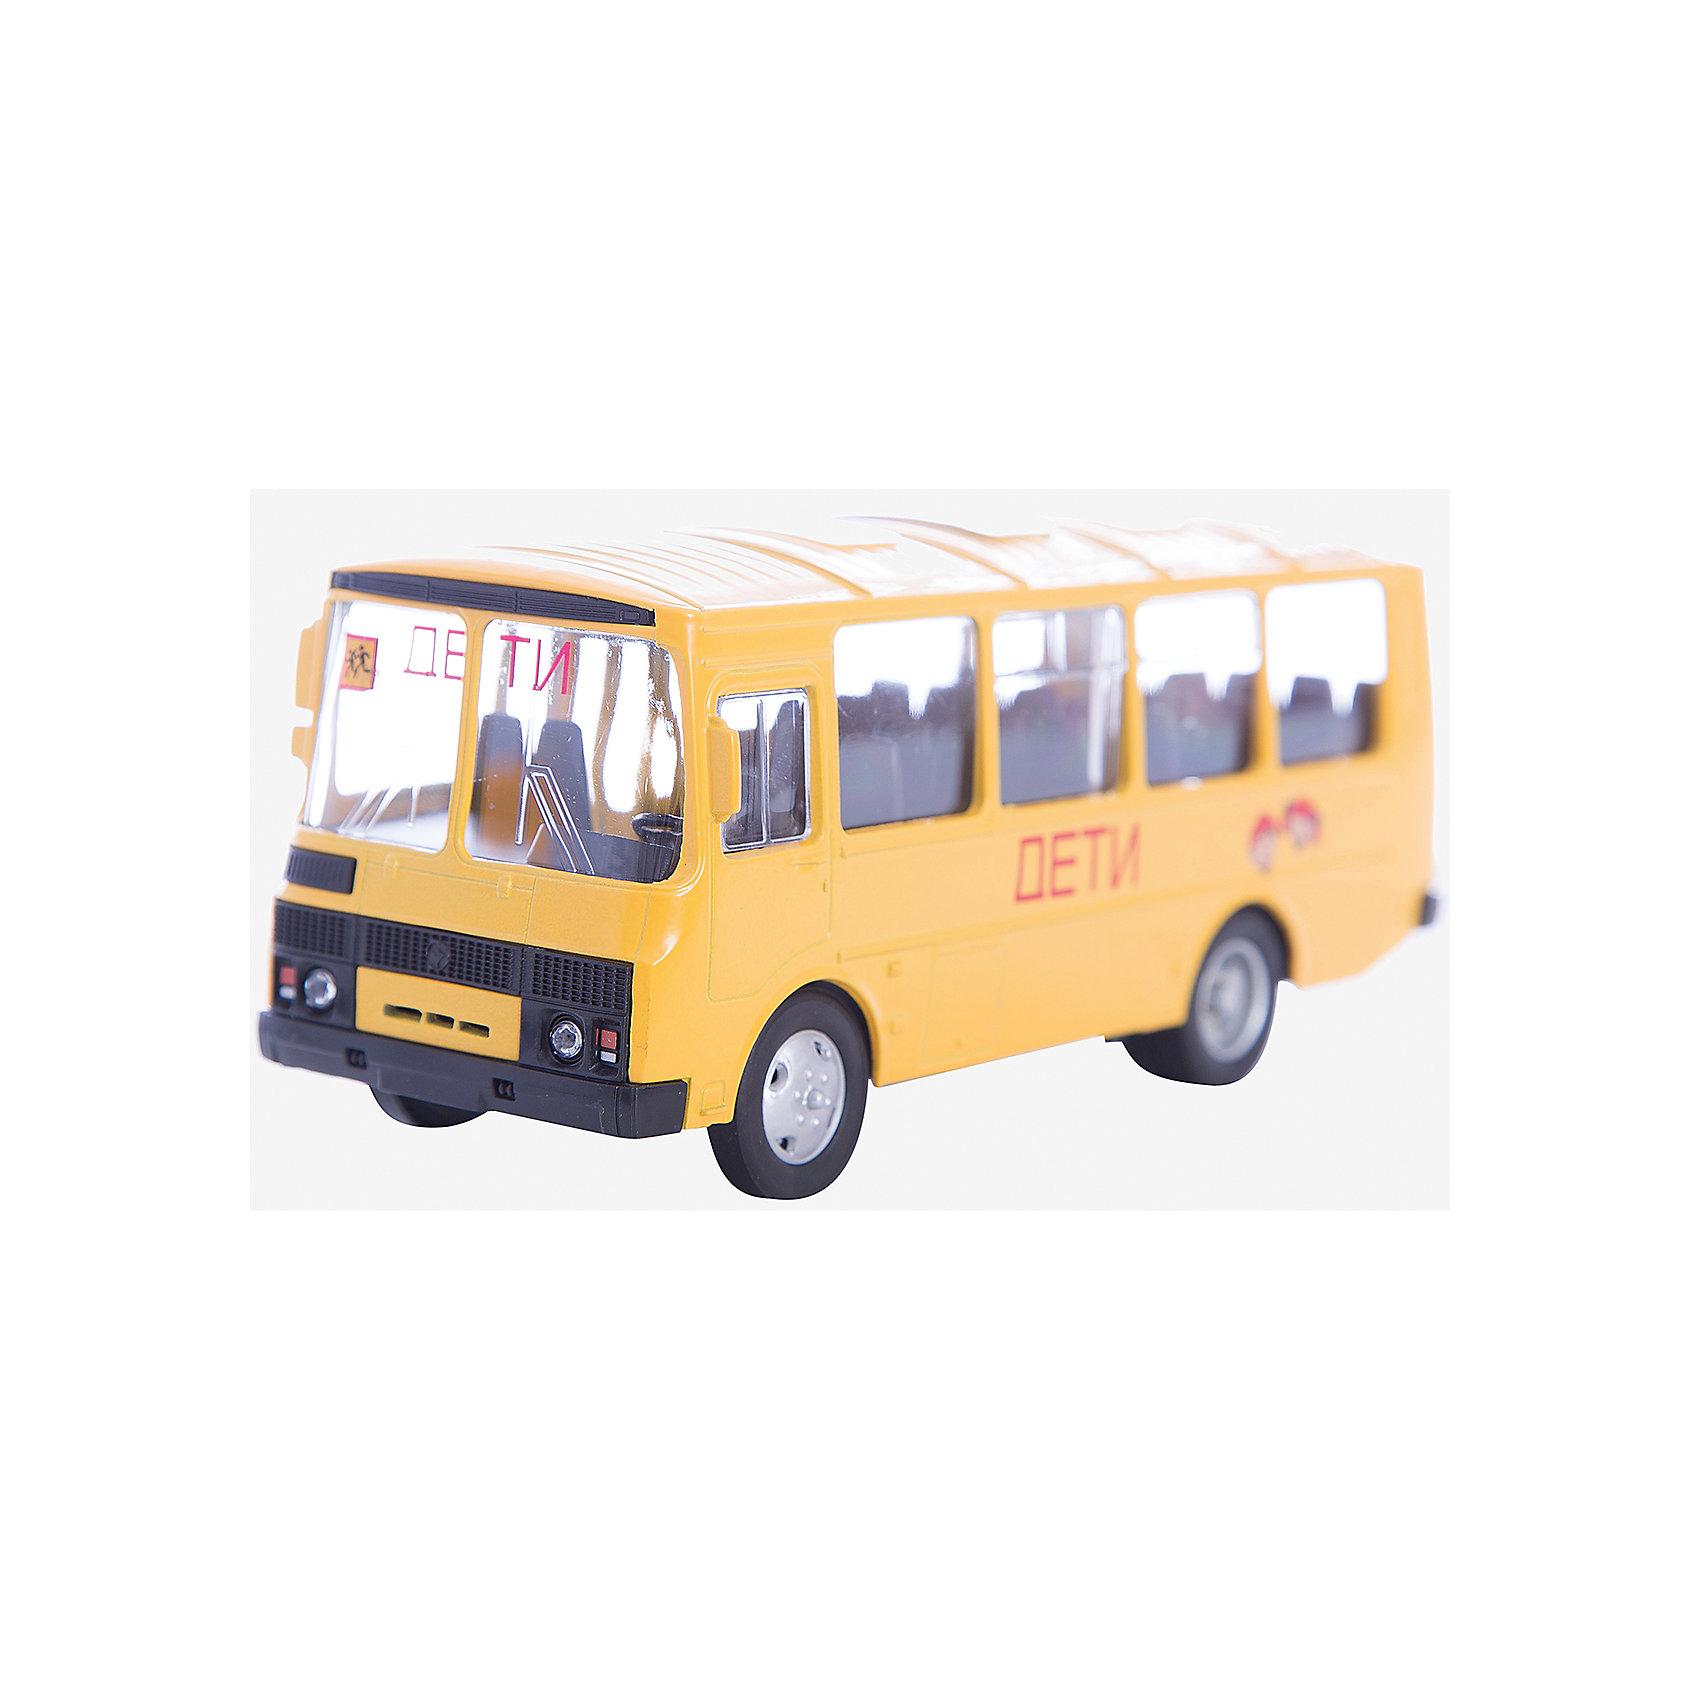 Машинка ПАЗ-32053 школьный автобус 1:43, AutotimeМашинки<br>Характеристики товара:<br><br>• цвет: желтый<br>• материал: металл, пластик<br>• размер упаковки: 22х7х17 см<br>• вес: 100 г<br>• масштаб: 1:43<br>• хорошая детализация<br>• вращаются колеса<br>• коллекционная<br>• страна бренда: Россия<br>• страна производства: Китай<br><br>Металлическая машинка ПАЗ-32053 от бренда AUTOTIME придется по душе мальчикам. Это идеальный подарок для ценителя и коллекционера автомобилей, которые выполнены с подробной детализацией. Игрушка является настоящей копией автобуса. Колеса машинки вращаются. Поэтому она может стать и частью коллекции, и выступать отдельной игрушкой.<br><br>Машинка может выполнять сразу несколько функций: развлекать ребенка, помогать вырабатывать практические качества: ловкость, координацию, мелкую моторику. Также в процессе увлекательной игры развивается фантазия ребенка. Изделие выполнено из сертифицированных материалов, безопасных для детей.<br><br>Машинку ПАЗ-32053 школьный автобус от бренда AUTOTIME можно купить в нашем интернет-магазине.<br><br>Ширина мм: 165<br>Глубина мм: 57<br>Высота мм: 75<br>Вес г: 13<br>Возраст от месяцев: 36<br>Возраст до месяцев: 2147483647<br>Пол: Мужской<br>Возраст: Детский<br>SKU: 5583992